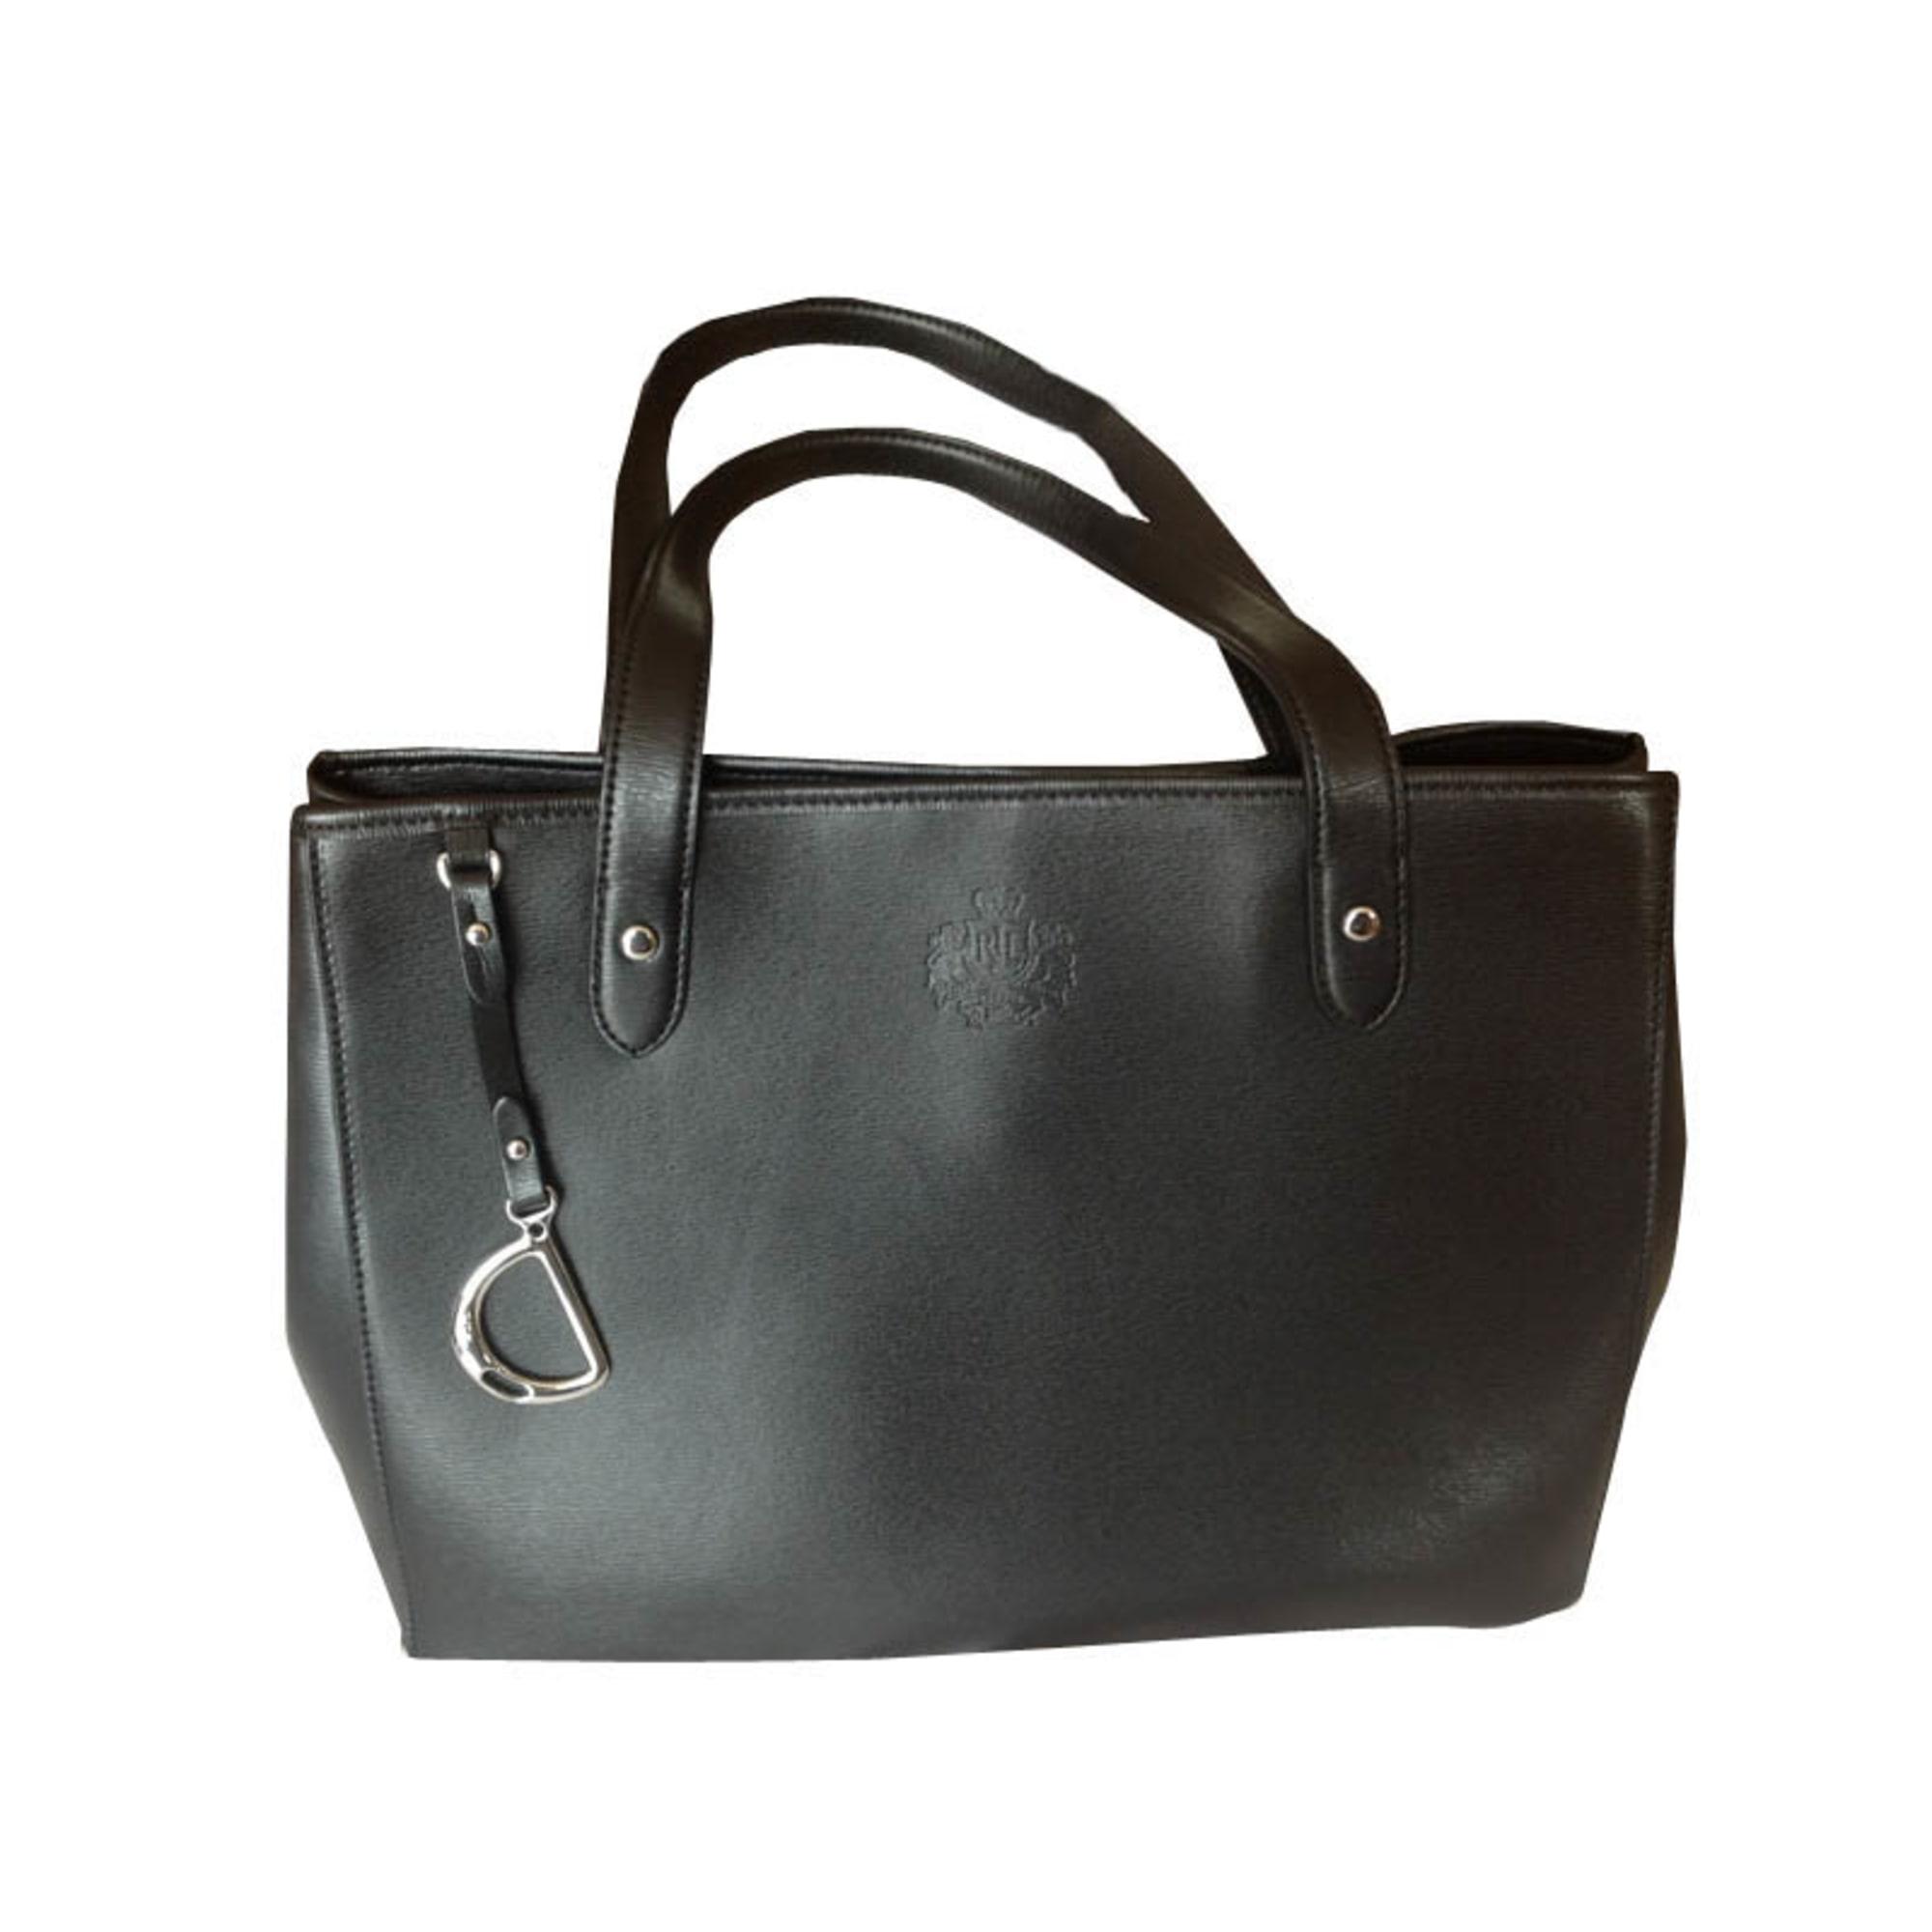 c081aa8167 Sac à main en cuir RALPH LAUREN noir vendu par Shopname478608 - 1579349